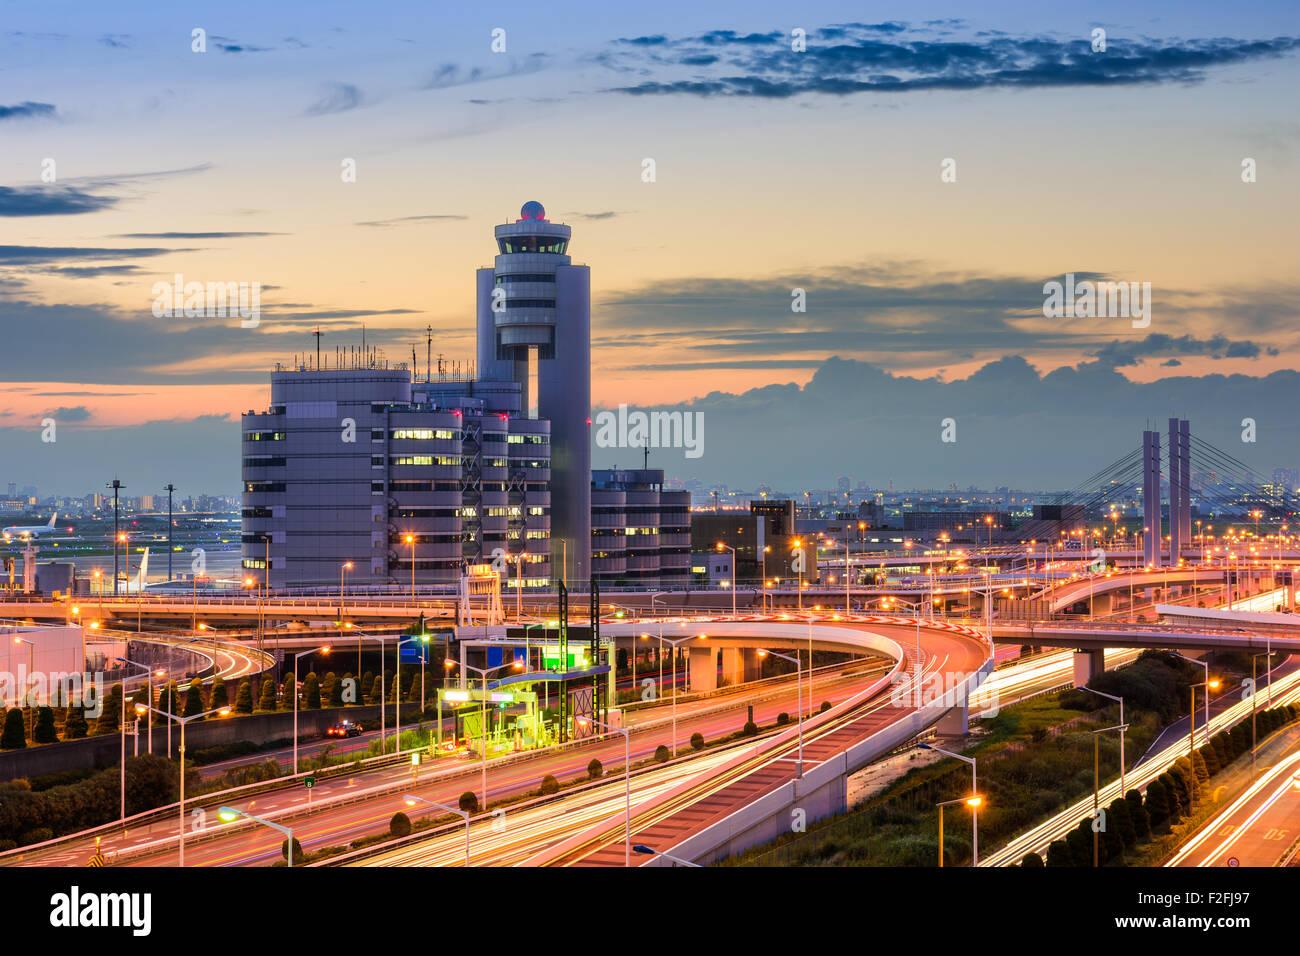 Haneda Airport buildings and roads in Tokyo, Japan. Stock Photo